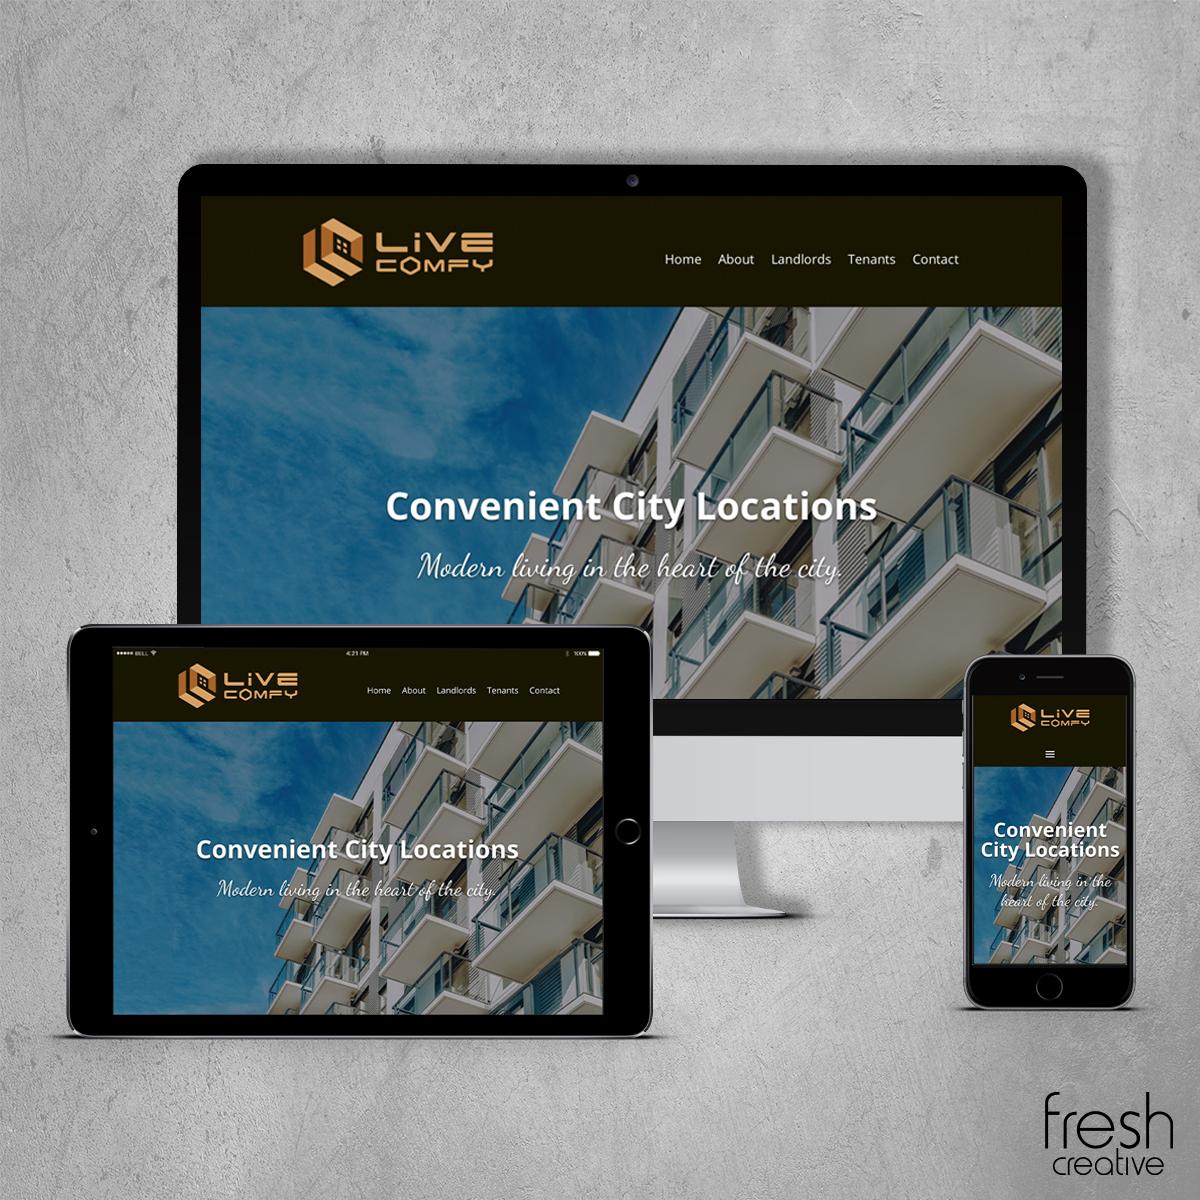 LiveComfy New Website Design